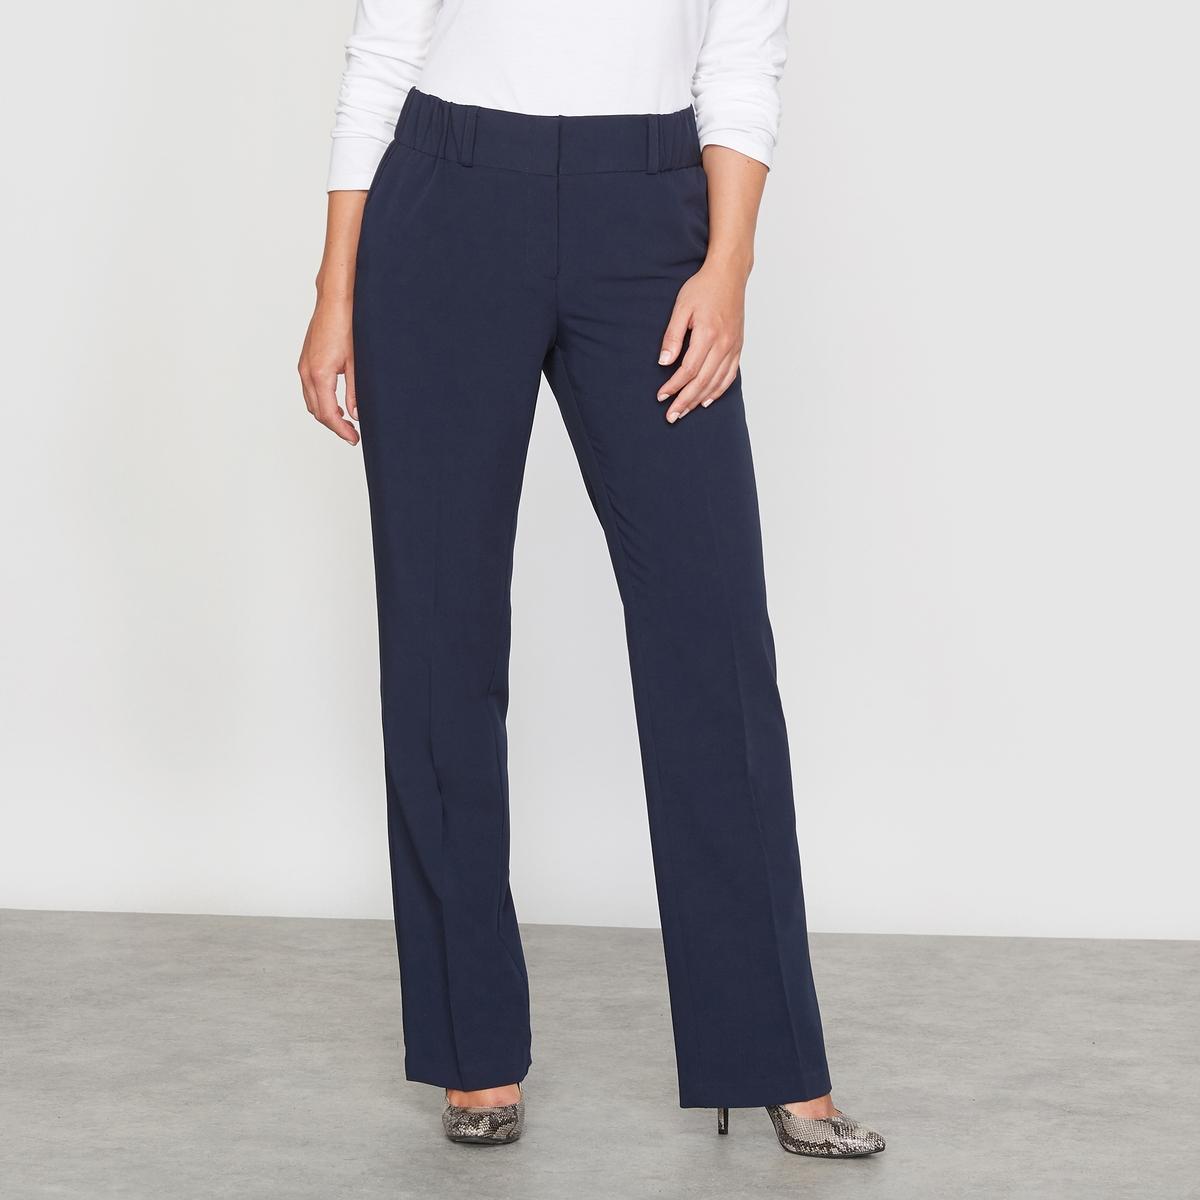 Брюки прямые, покрой экстра-комфортБлагодаря своему прямому покрою эти брюки подойдут всем: они не подчёркивают ни талию, ни бёдра ! Из великолепно сидящей, струящейся ткани, 74 % полиэстера, 19 % вискозы, 7 % эластана, не требует глажки!ПОКРОЙ ЭСКТРА-КОМФОРТ : (пышные бёдра). Полностью эластичный пояс. Вытачки спереди и сзади. Косые карманы спереди, карман на пуговице сзади. Длина по внутреннему шву 78 см,   ширина по низу 22 см.<br><br>Цвет: темно-синий,черный<br>Размер: 62 (FR) - 68 (RUS).44 (FR) - 50 (RUS).44 (FR) - 50 (RUS).56 (FR) - 62 (RUS).42 (FR) - 48 (RUS).62 (FR) - 68 (RUS).46 (FR) - 52 (RUS).52 (FR) - 58 (RUS).58 (FR) - 64 (RUS).60 (FR) - 66 (RUS).54 (FR) - 60 (RUS).60 (FR) - 66 (RUS).48 (FR) - 54 (RUS)